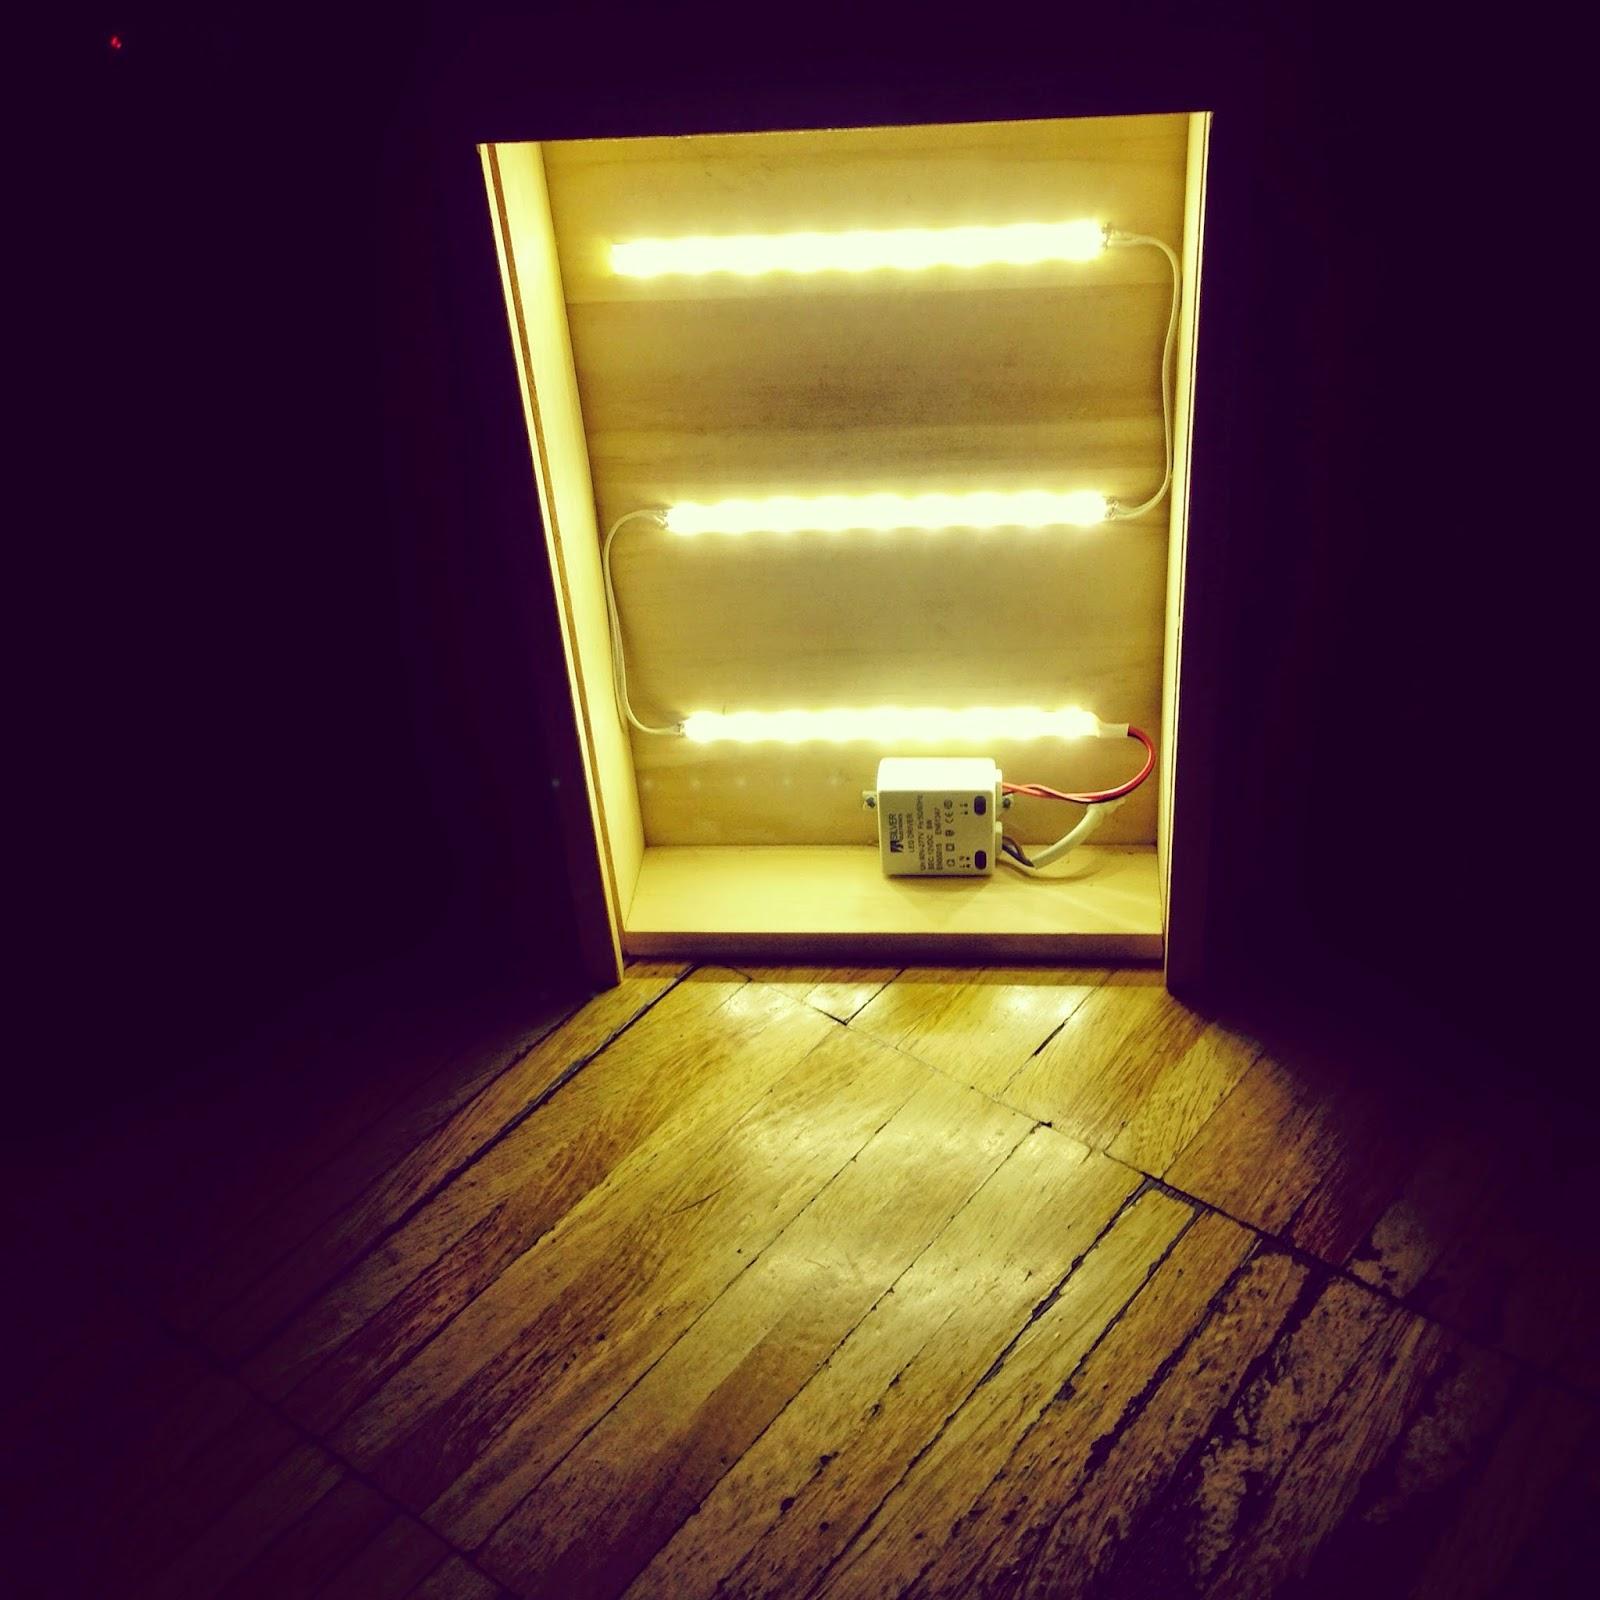 Cajas de luz proyectos de rojosill n rojosill n - Caja de luz de madera ...